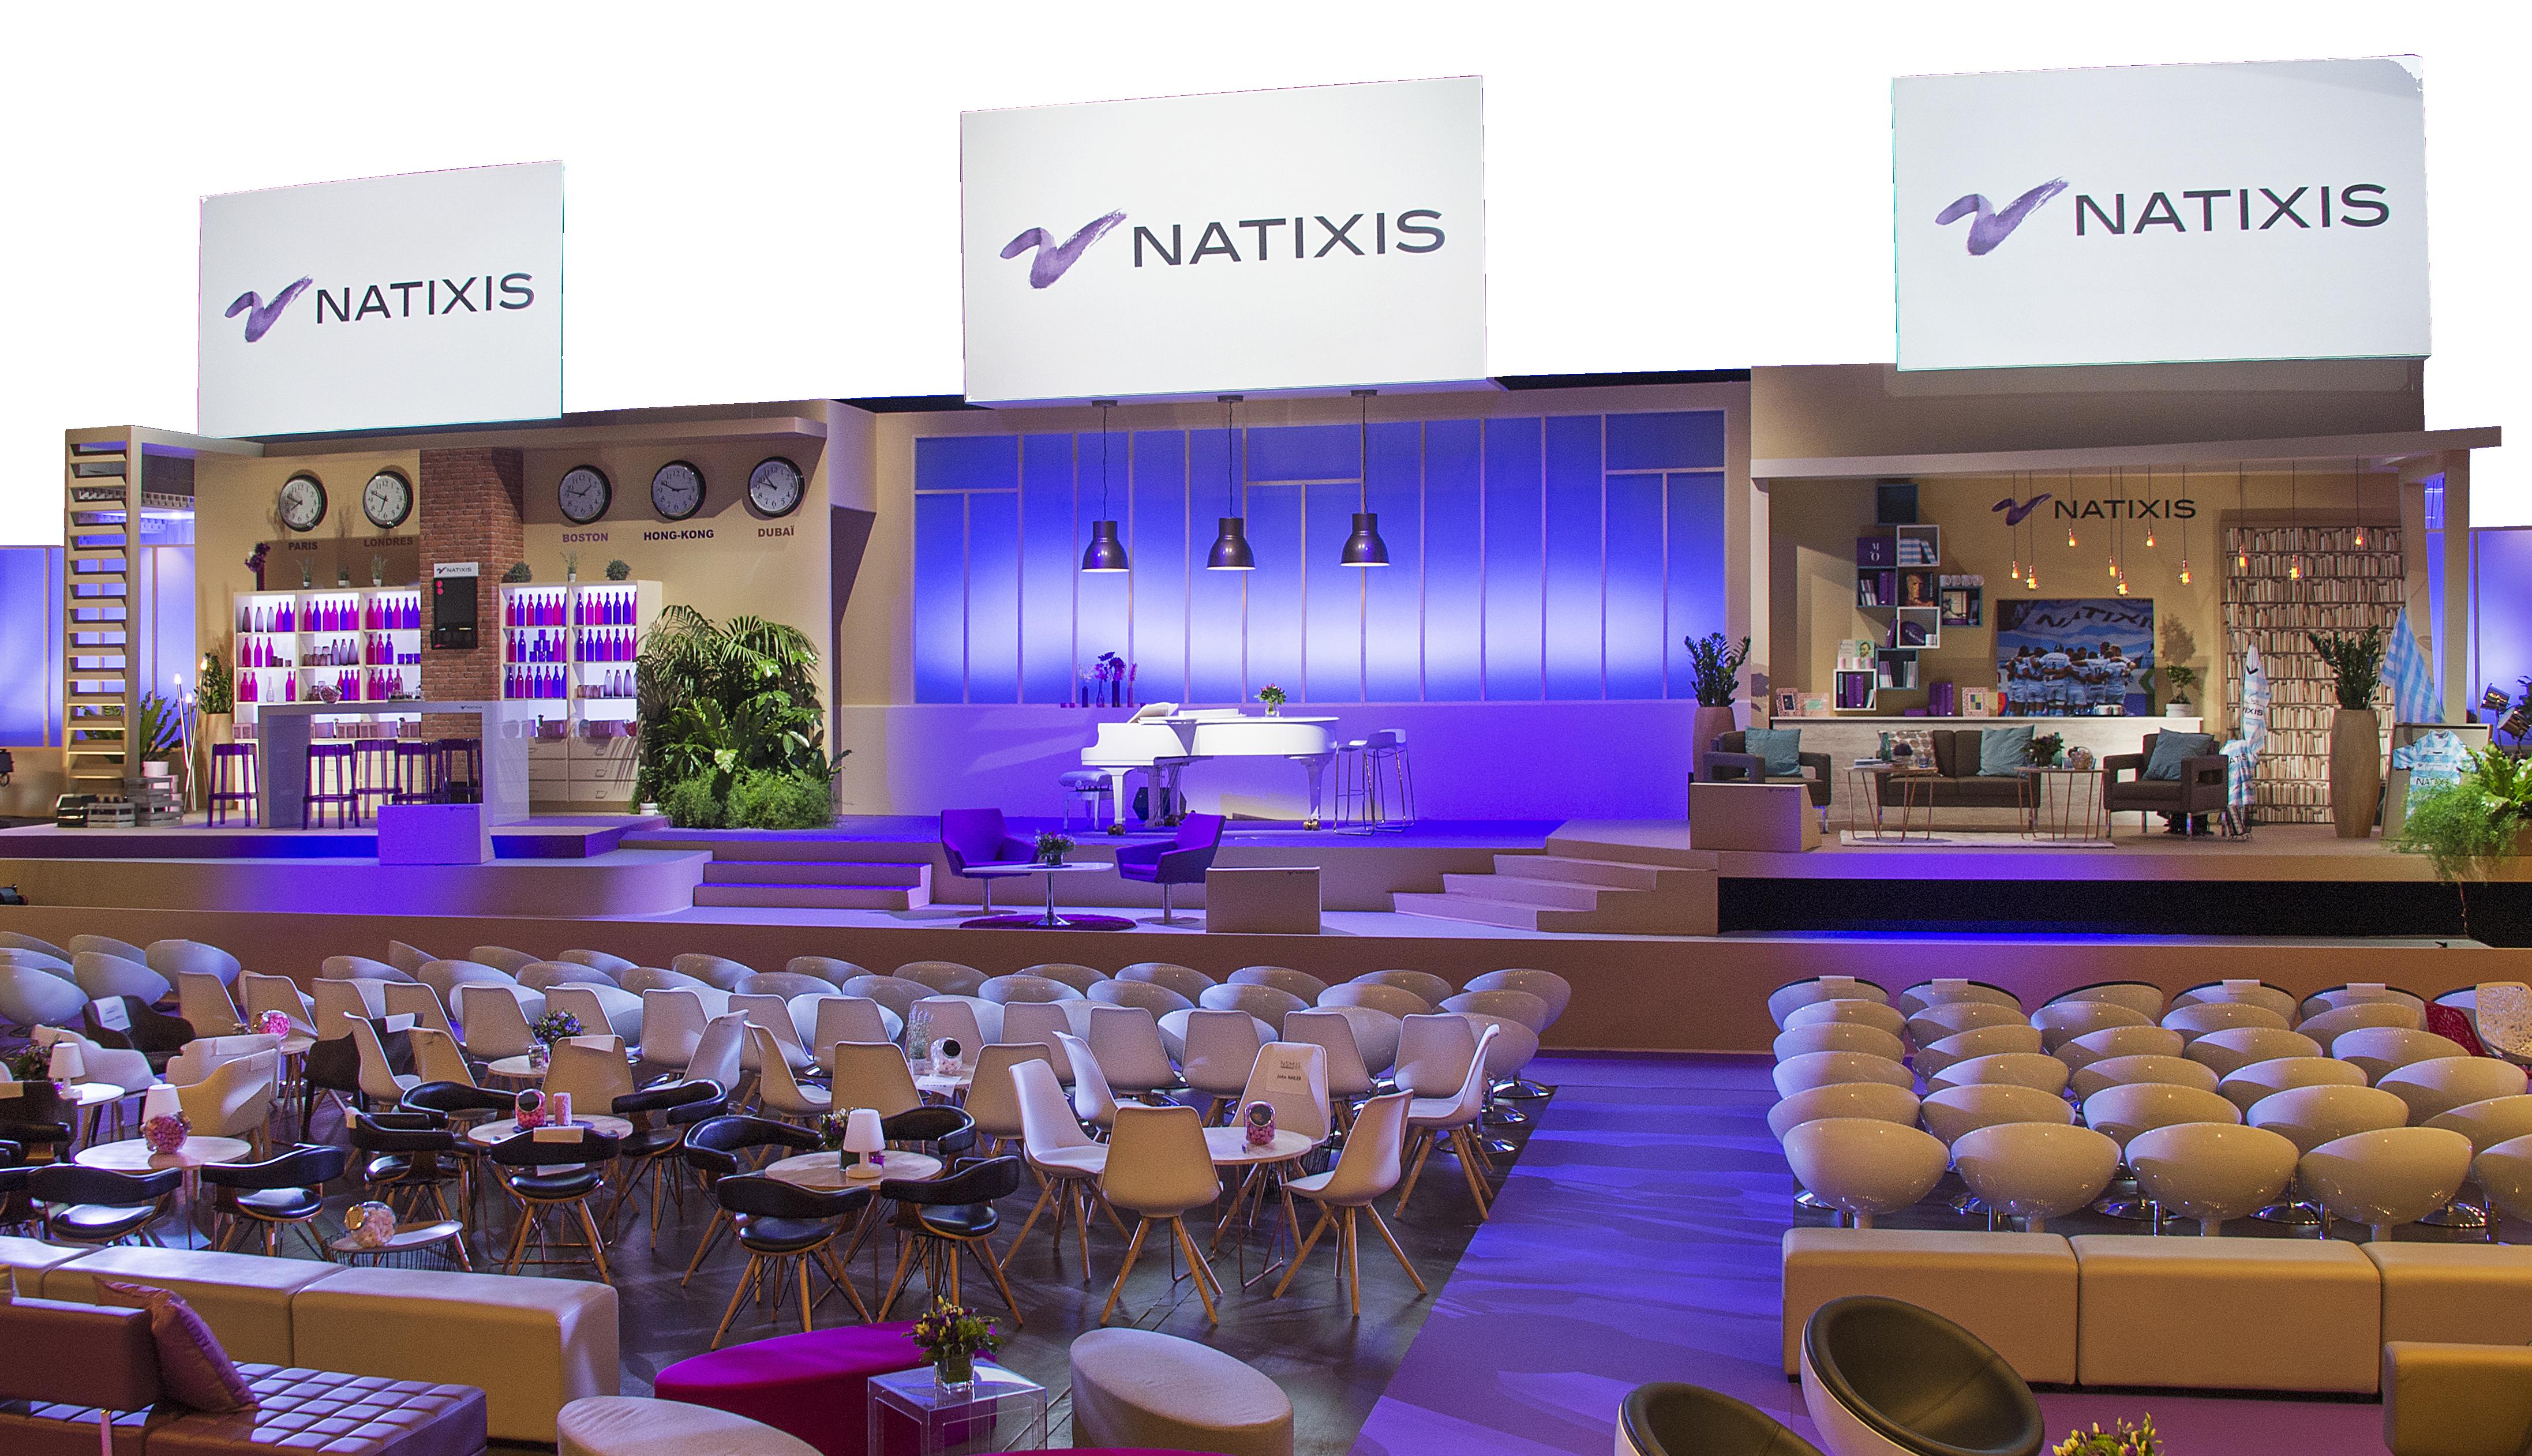 Plateau natixis décoré avec présence de chaises et de tables